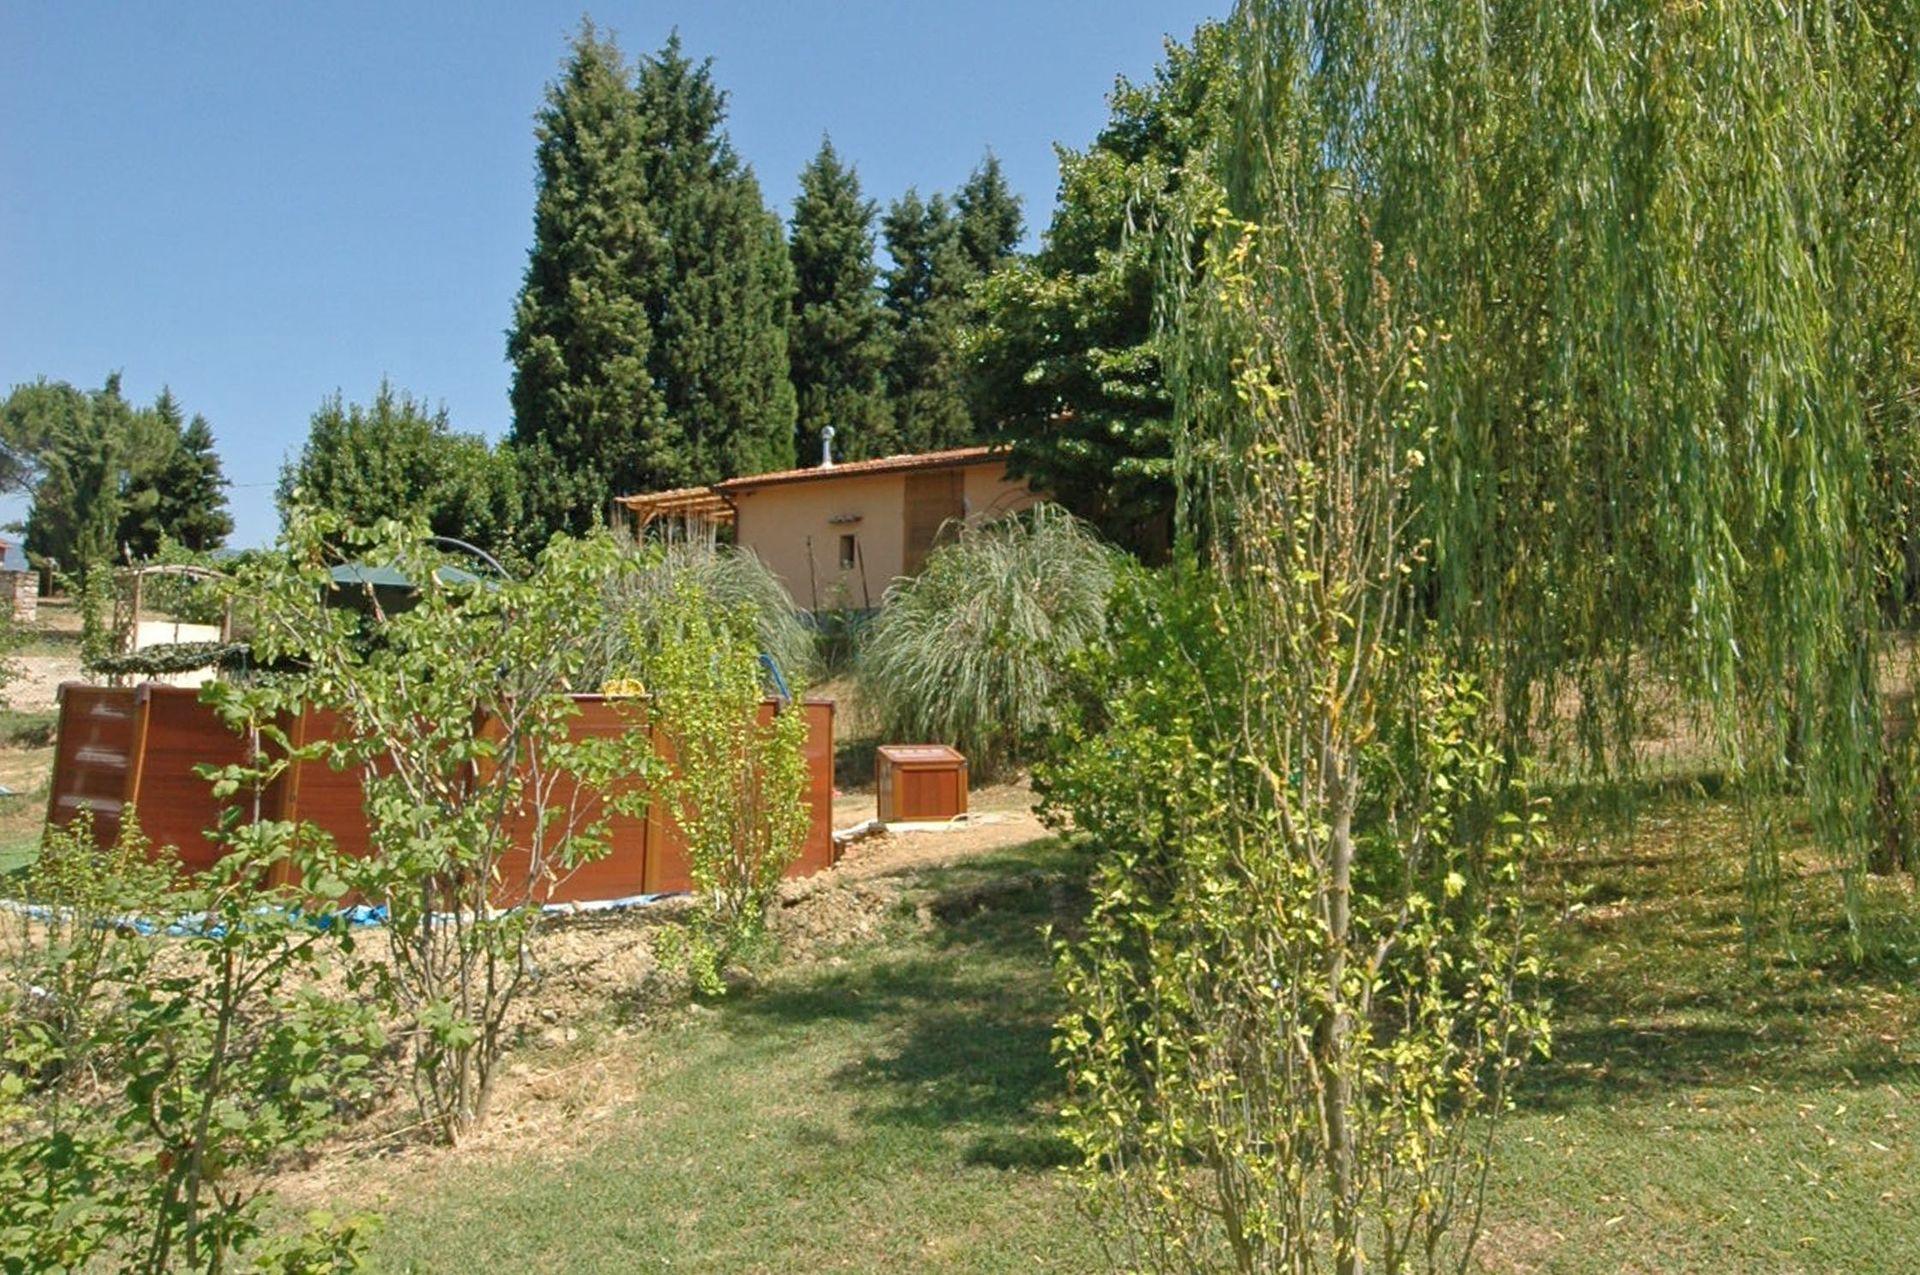 Casa marco casa vacanze con 4 posti letto in 1 camere for Piani di casa del fienile con 4 camere da letto